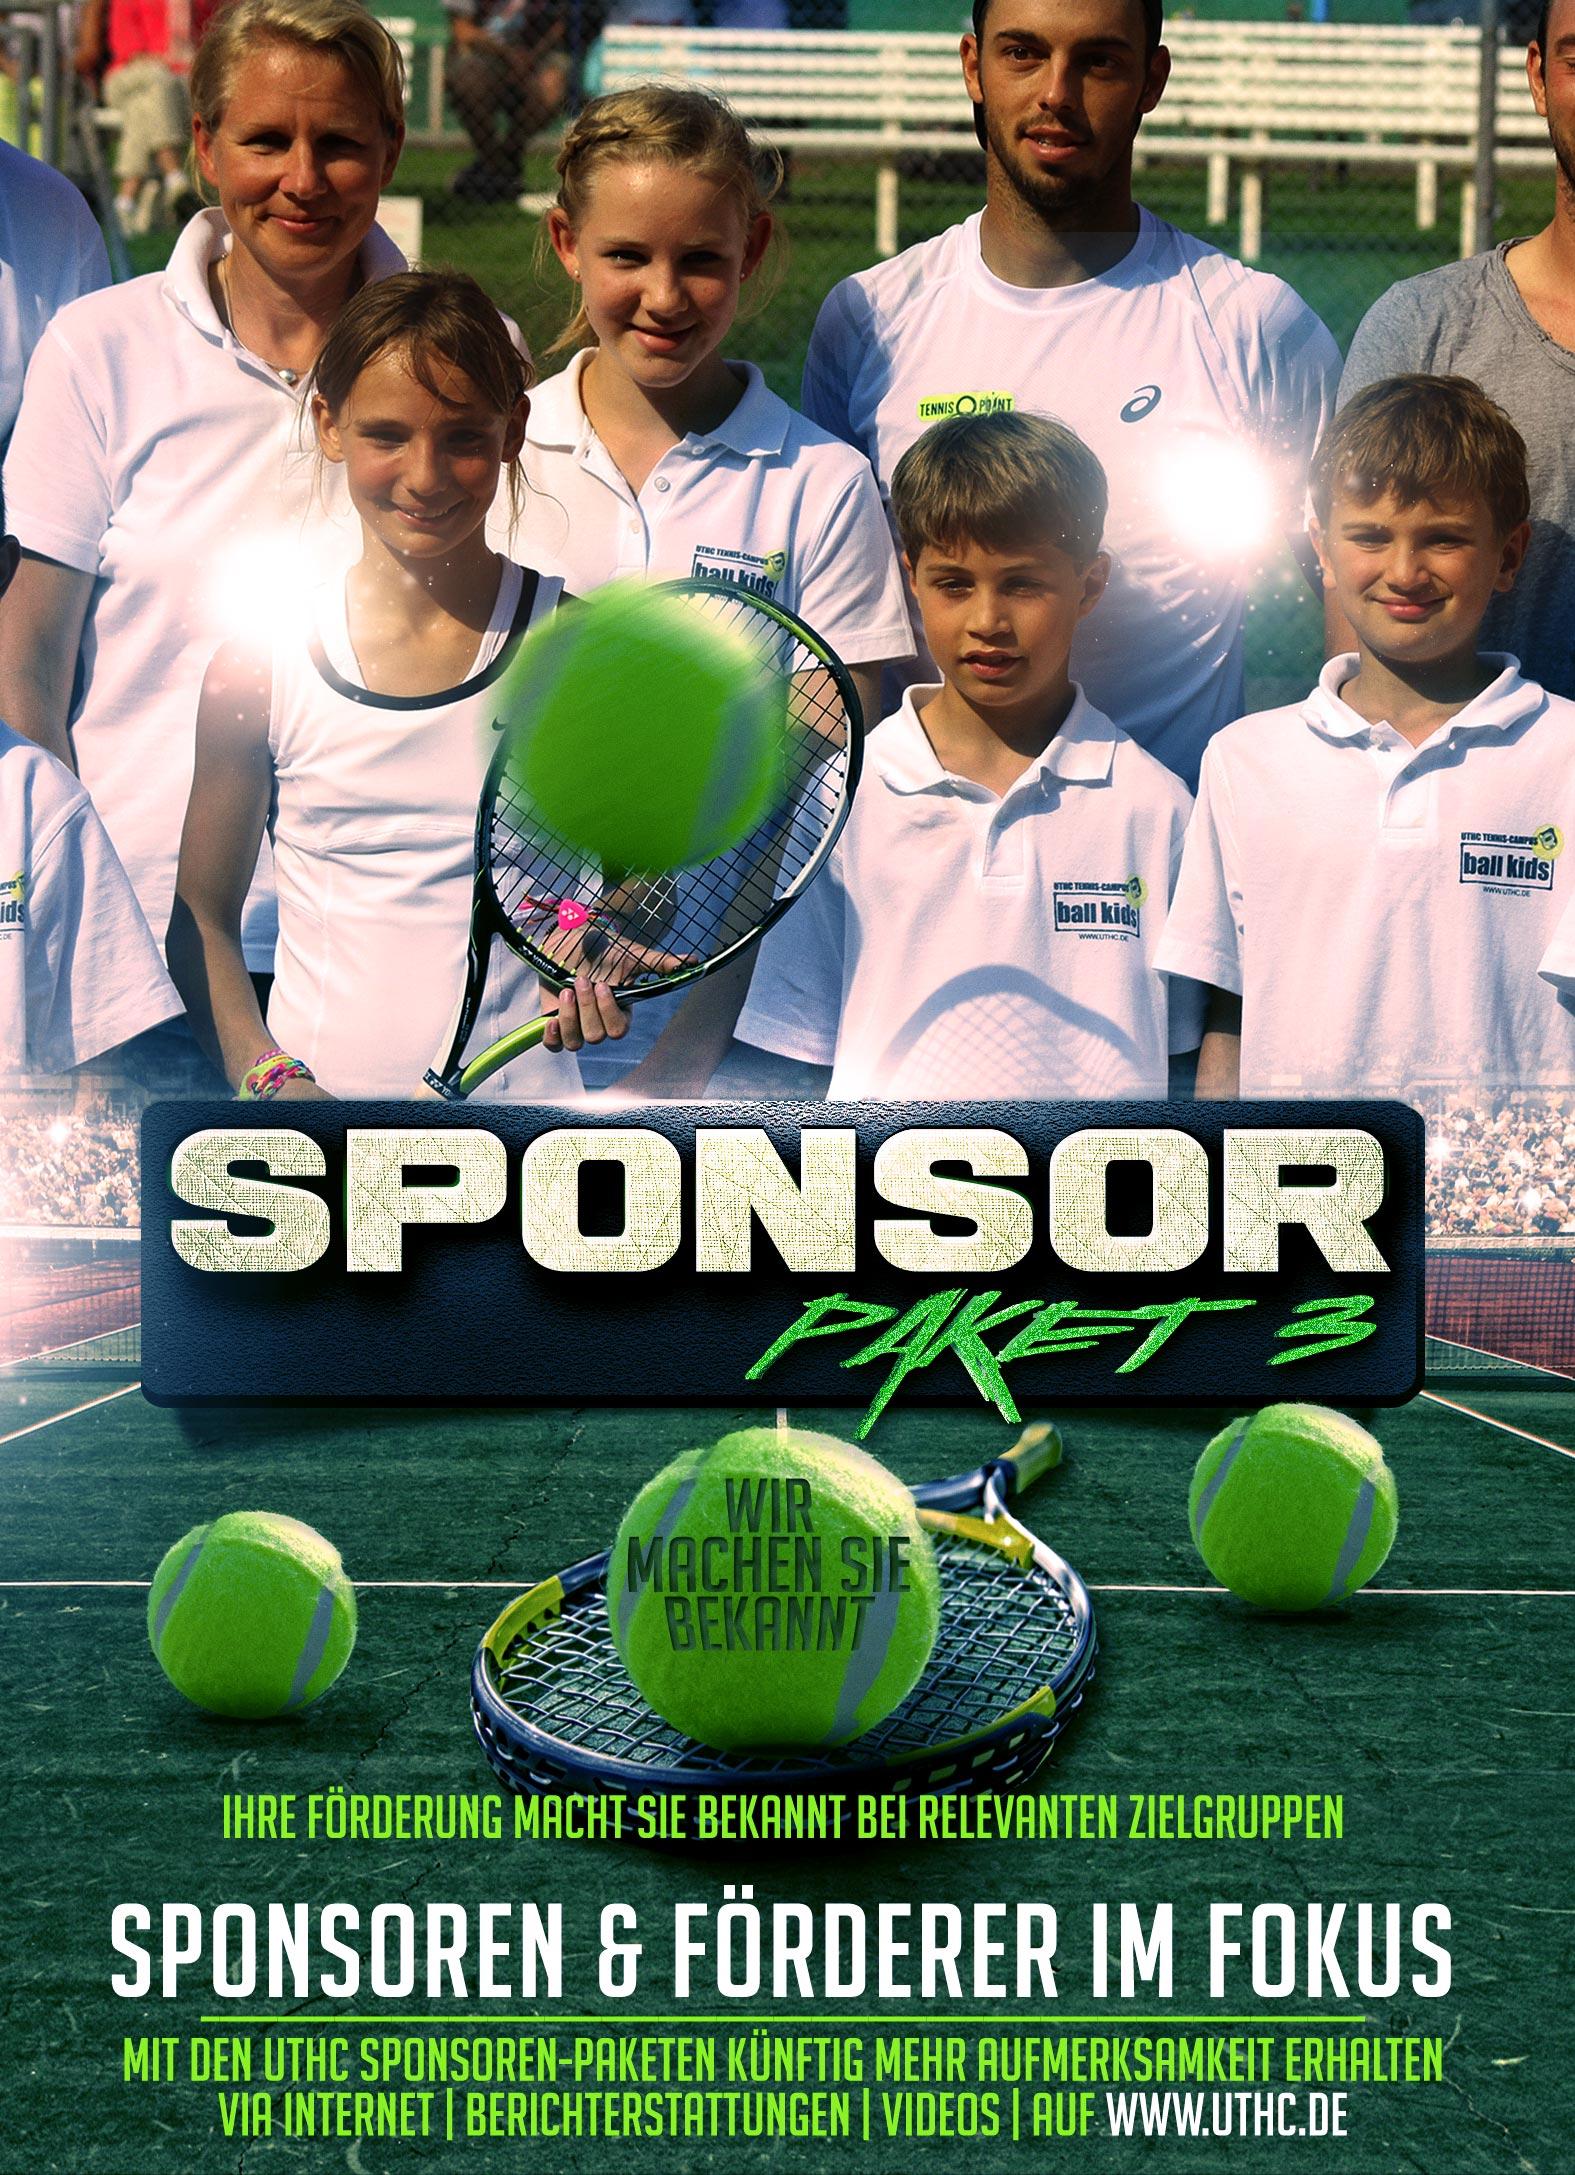 Tennis Sponsoren Paket 3